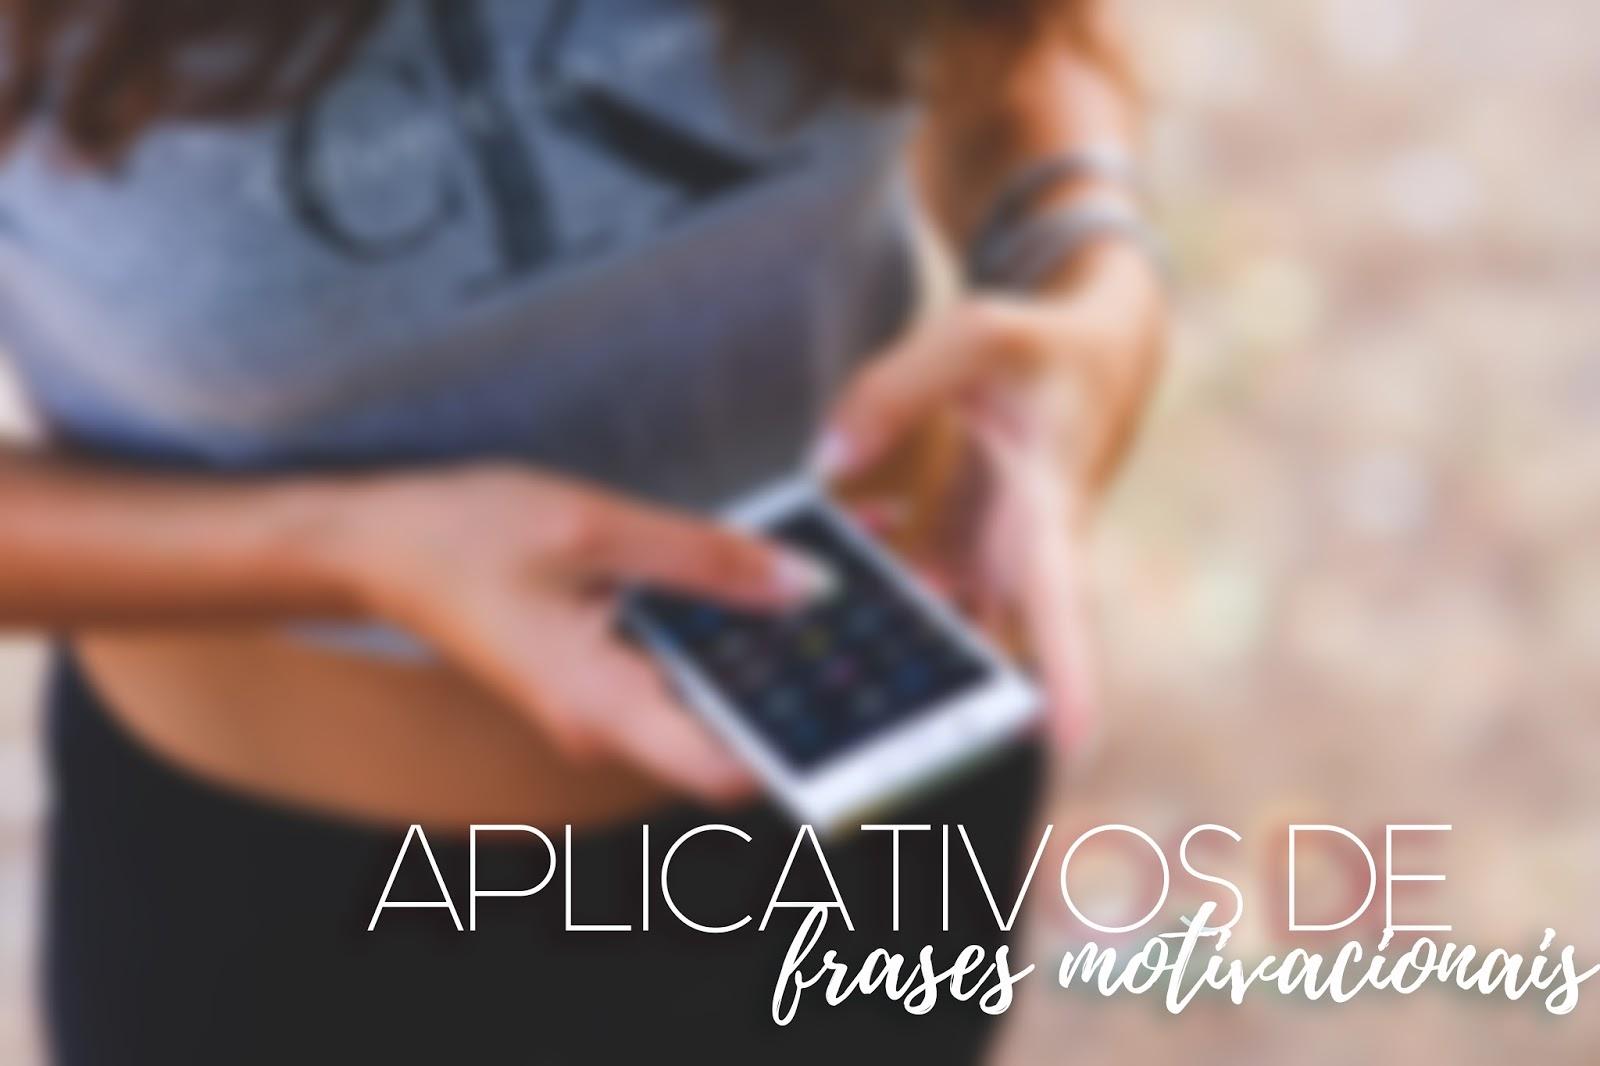 Aplicativos para ajudar na motivação na vida profissional quanto na pessoal.